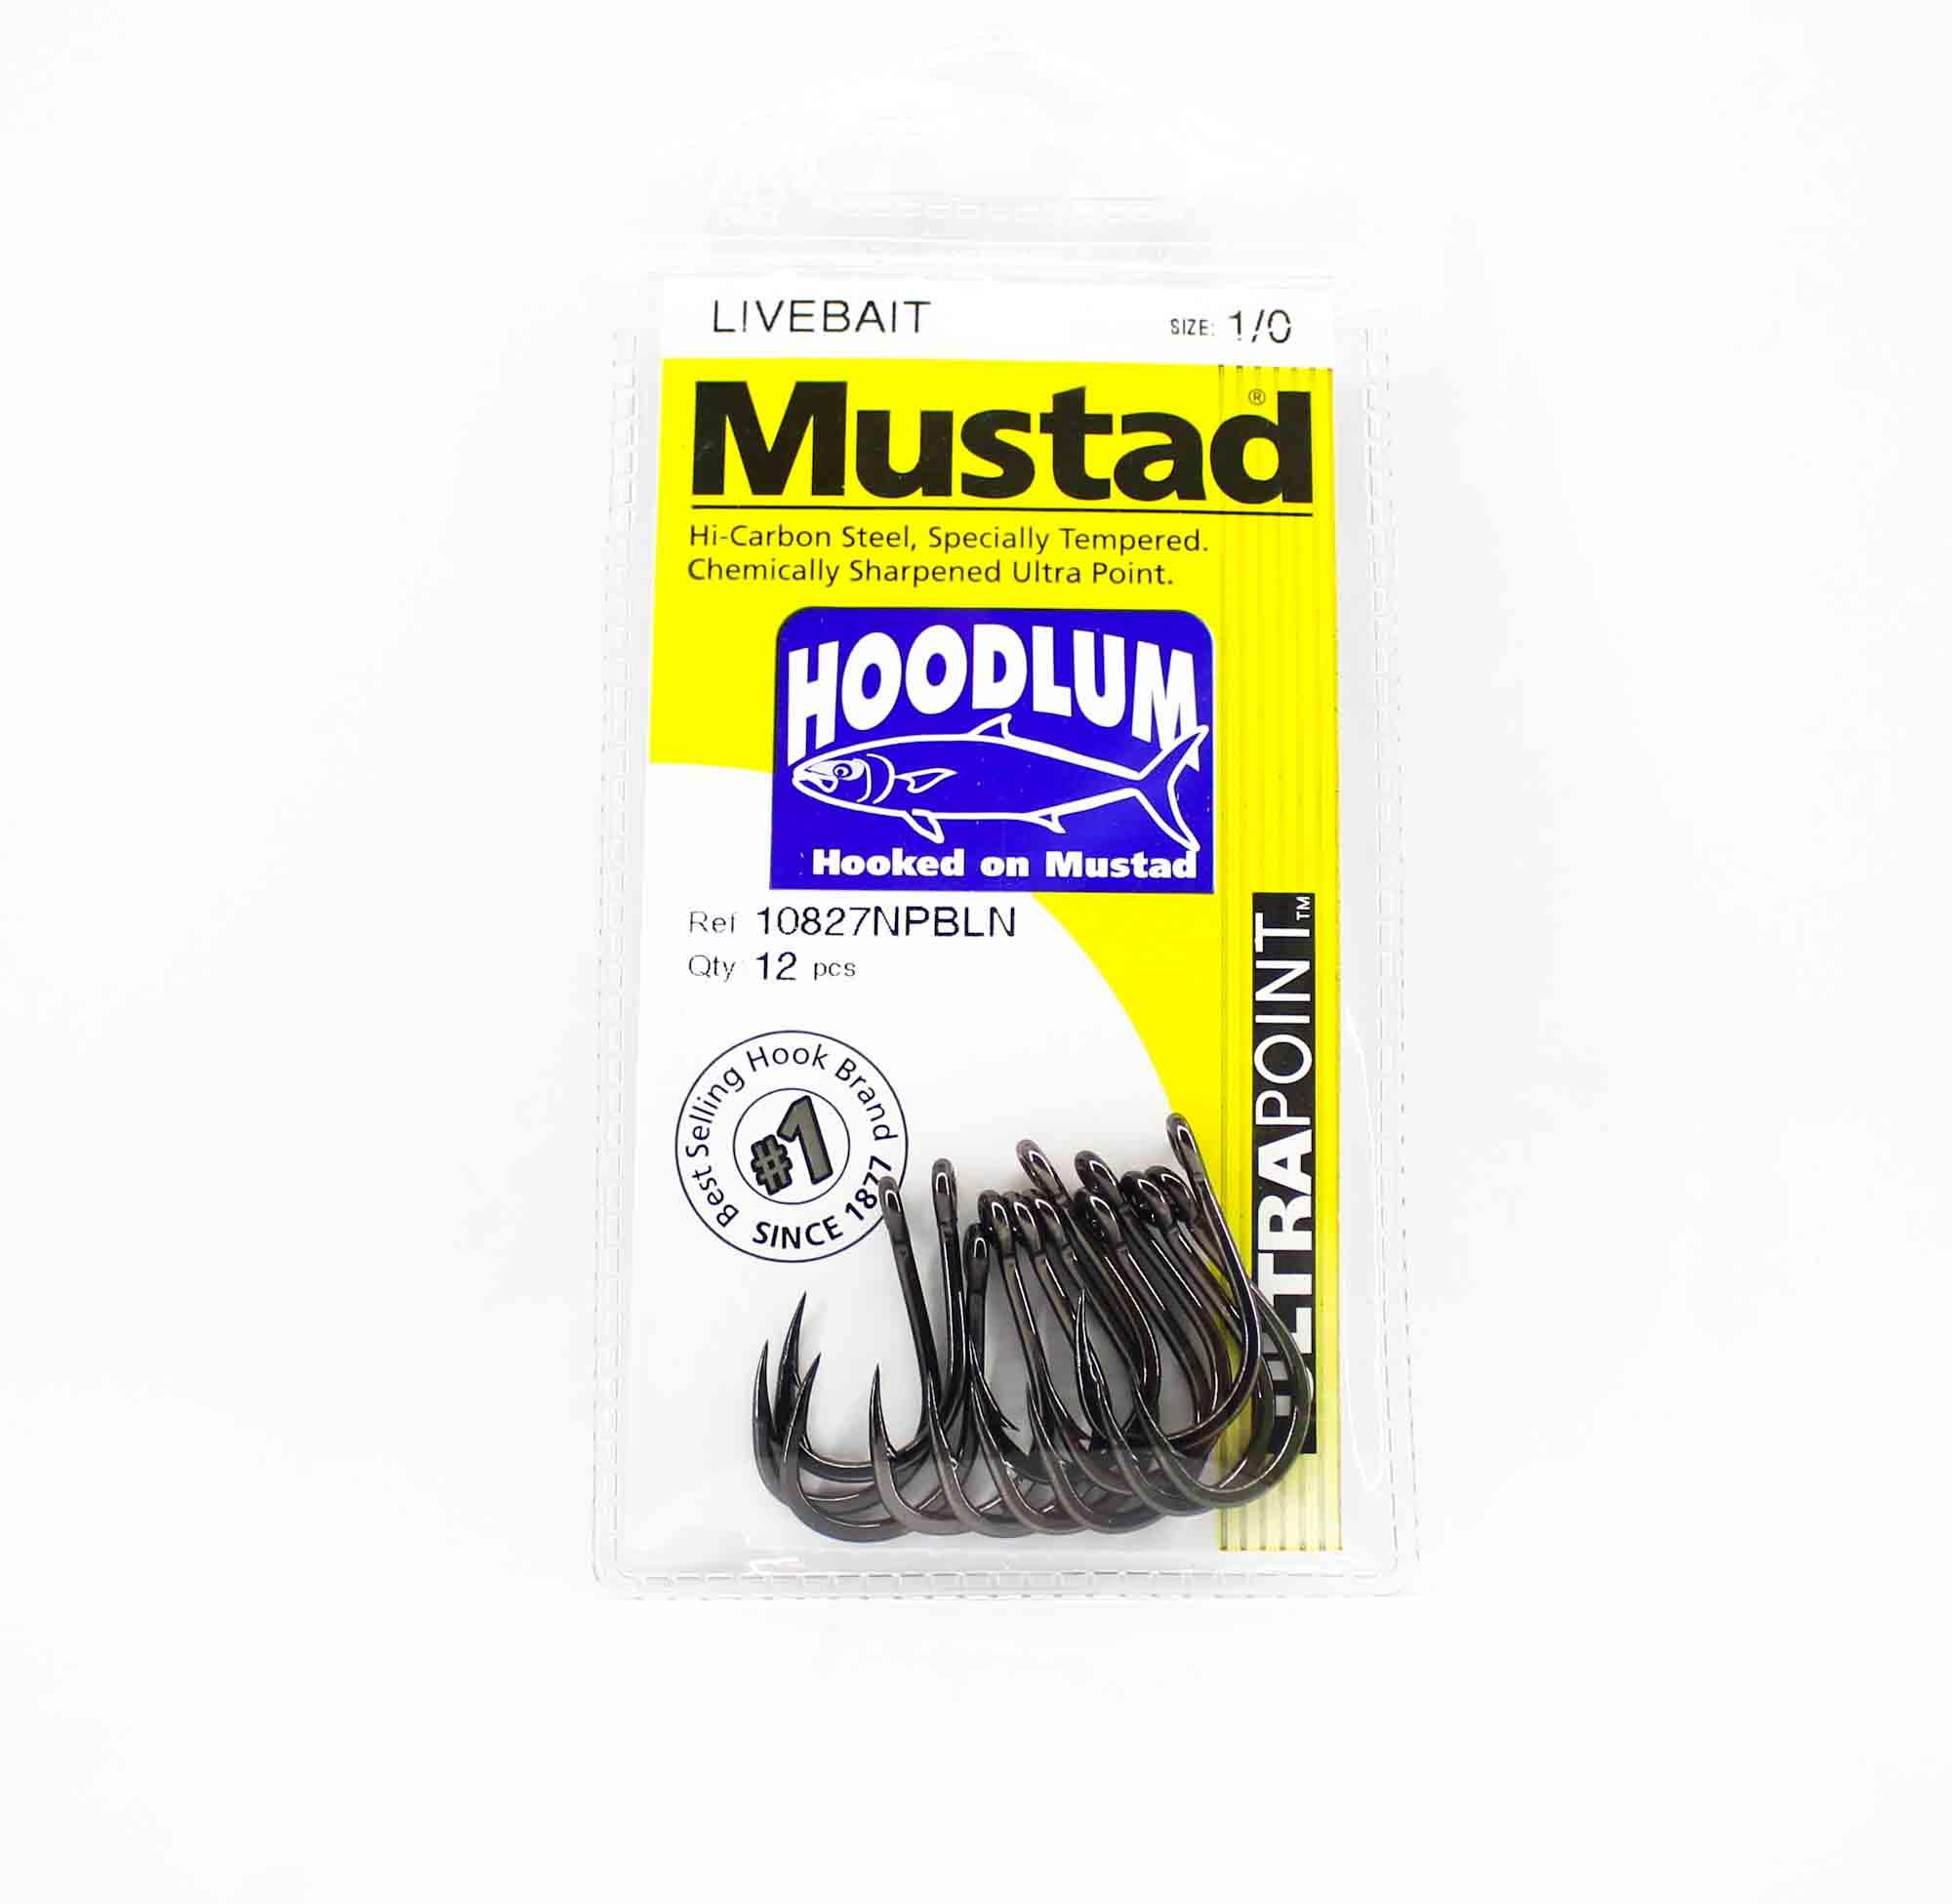 Mustad 10827NP-BLN-1/0-A12 Hoodlum Ultra Point Hooks Size 1/0 (7937)